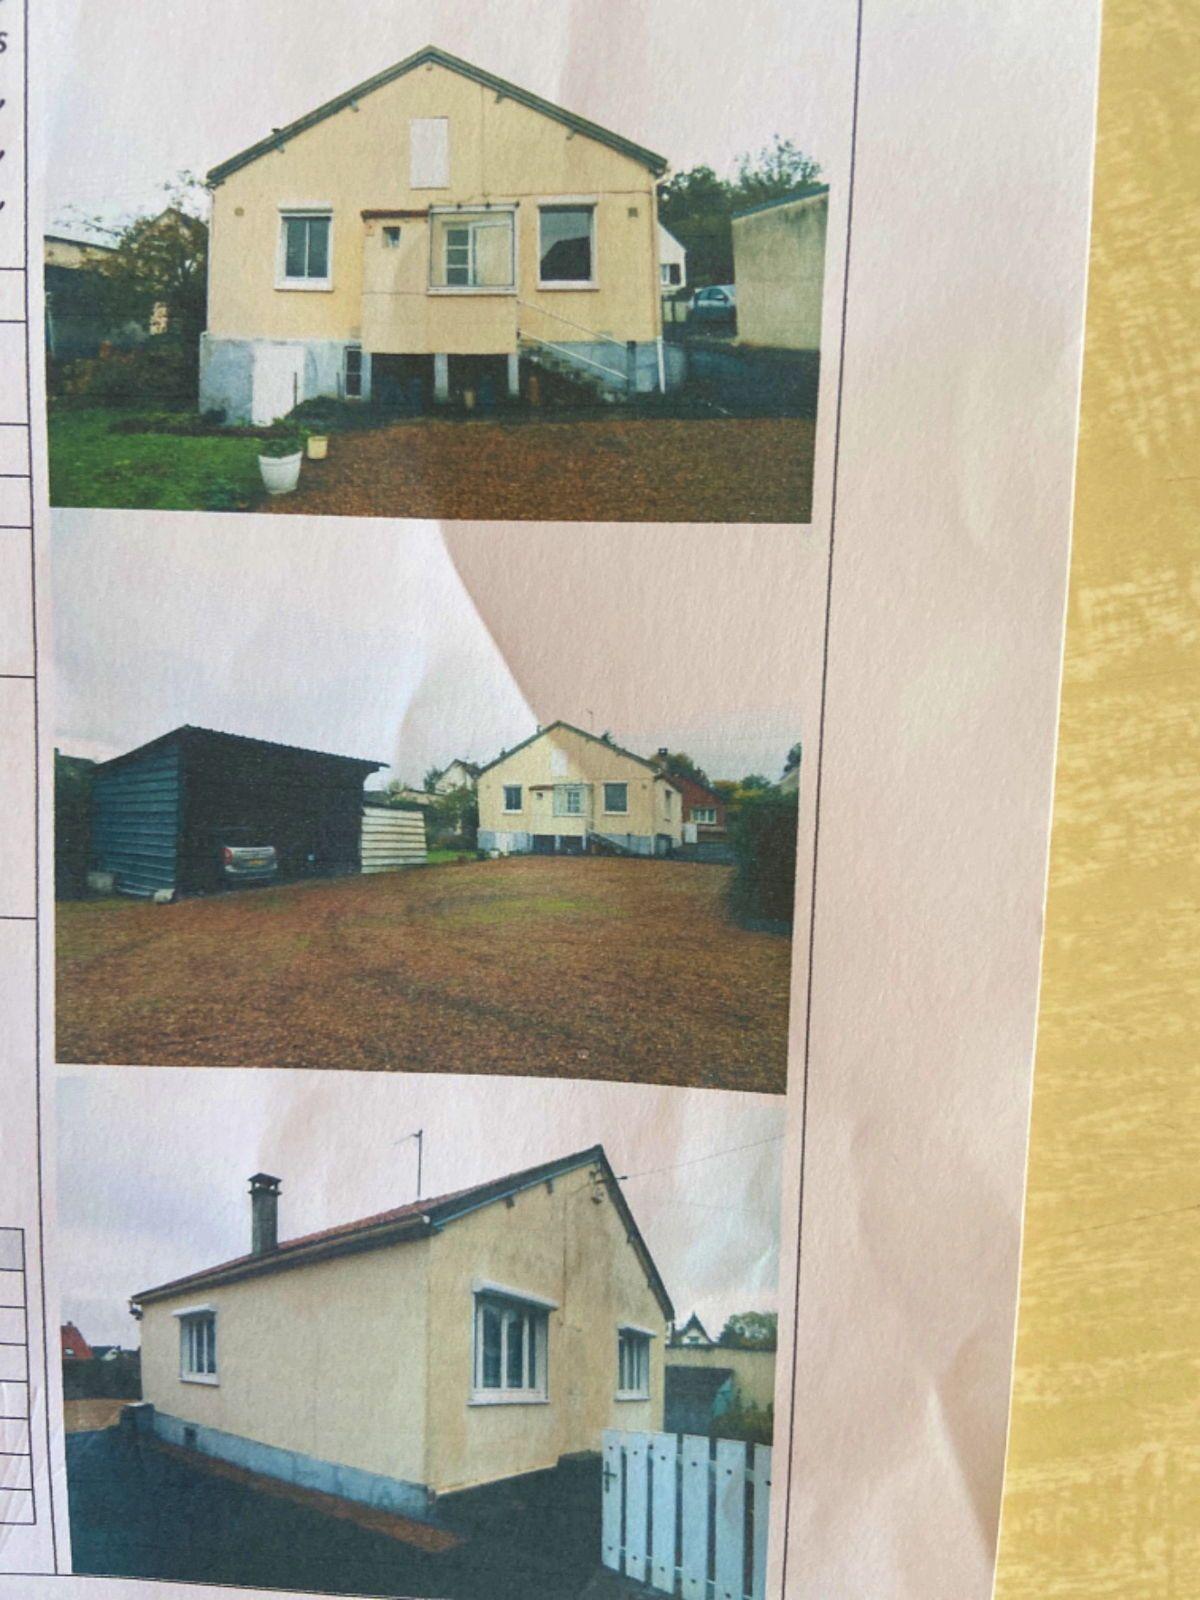 Vends maison 2chambres 80m² avec terrain de 800m², Beauvais (60)